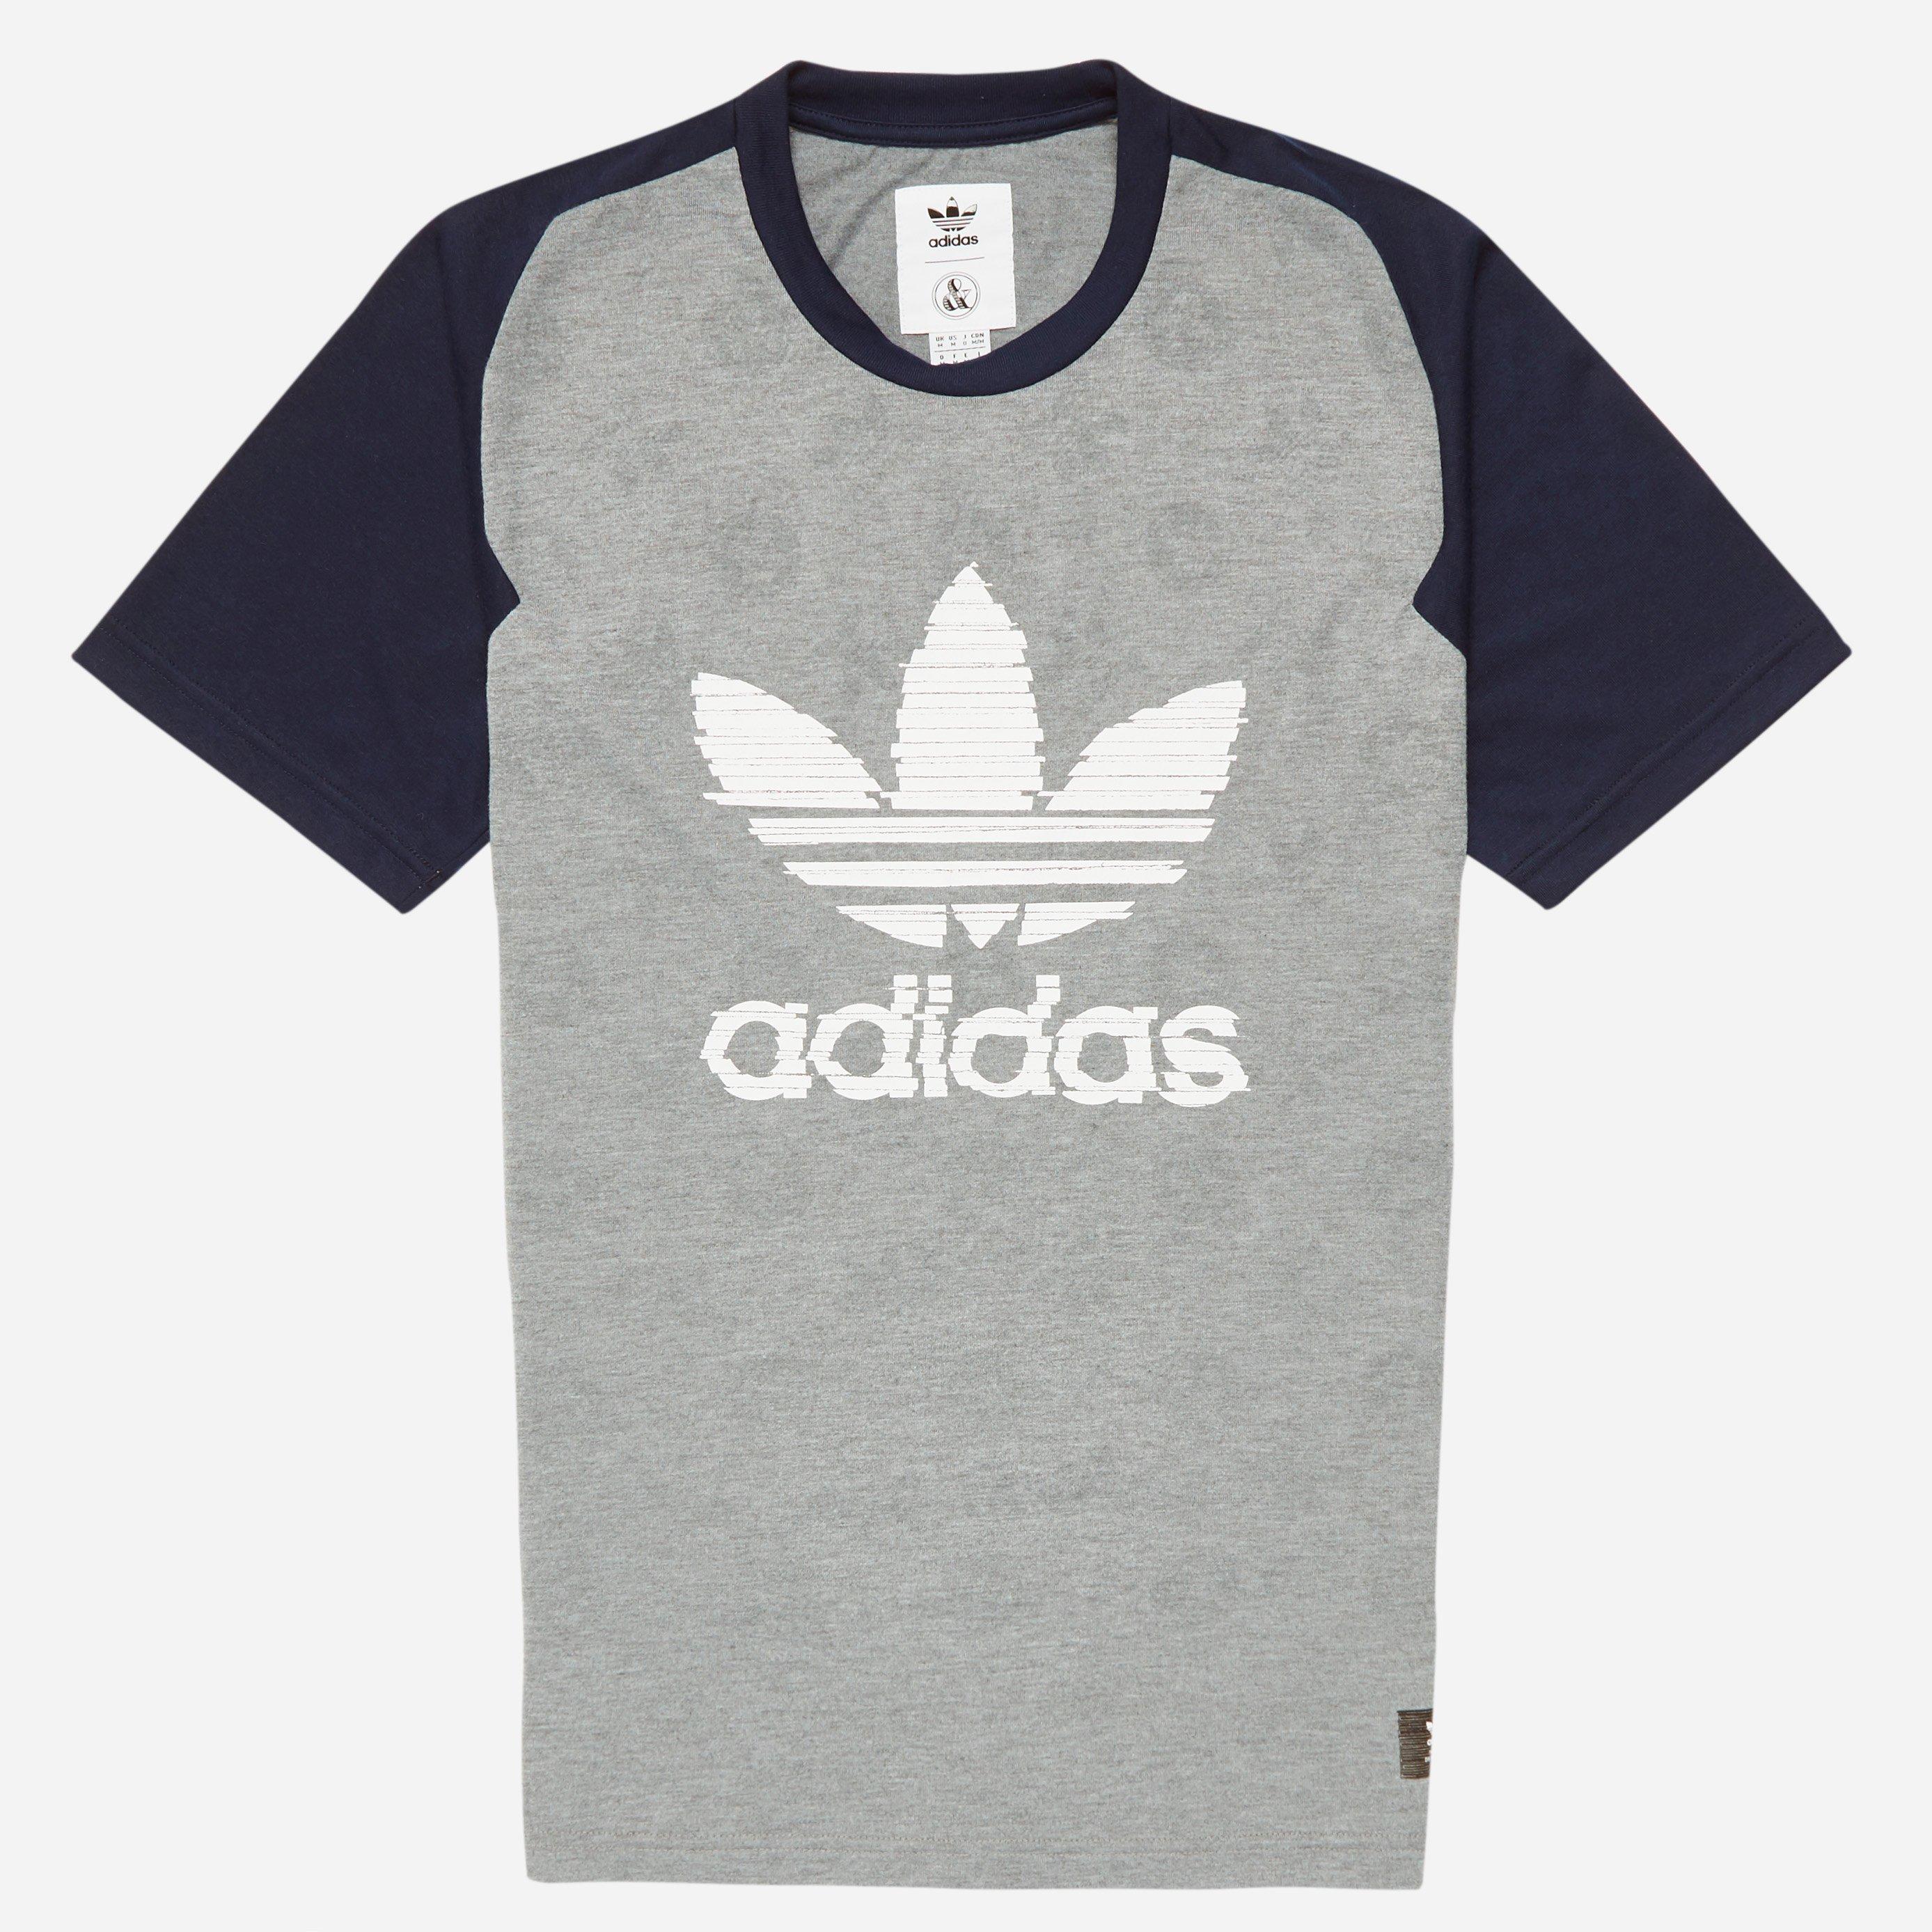 adidas Originals X United Arrows & Sons T-shirt